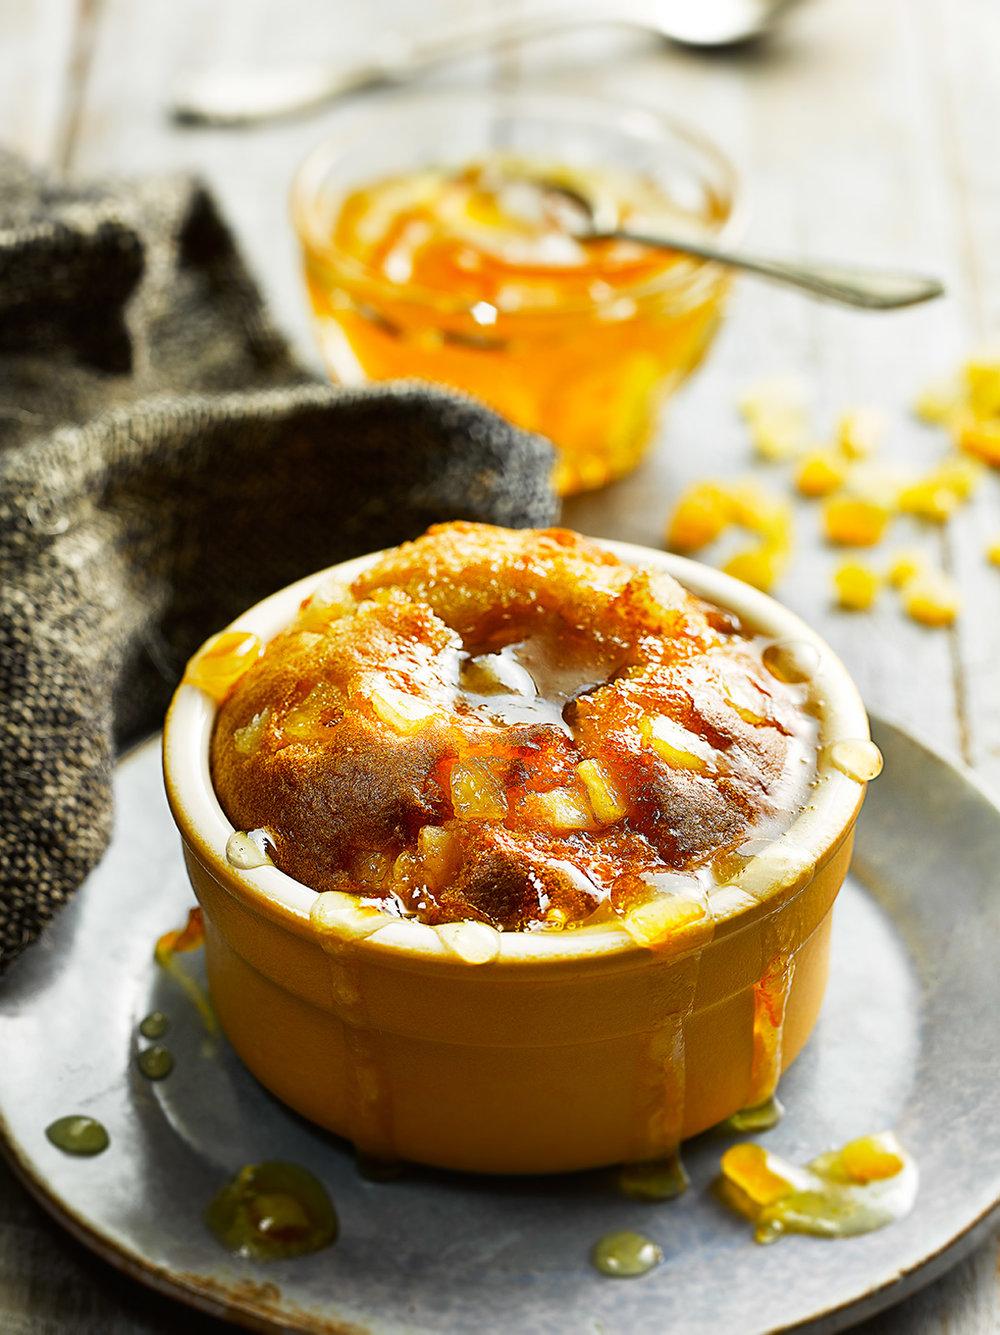 sticky-orange-pudding-020.jpg